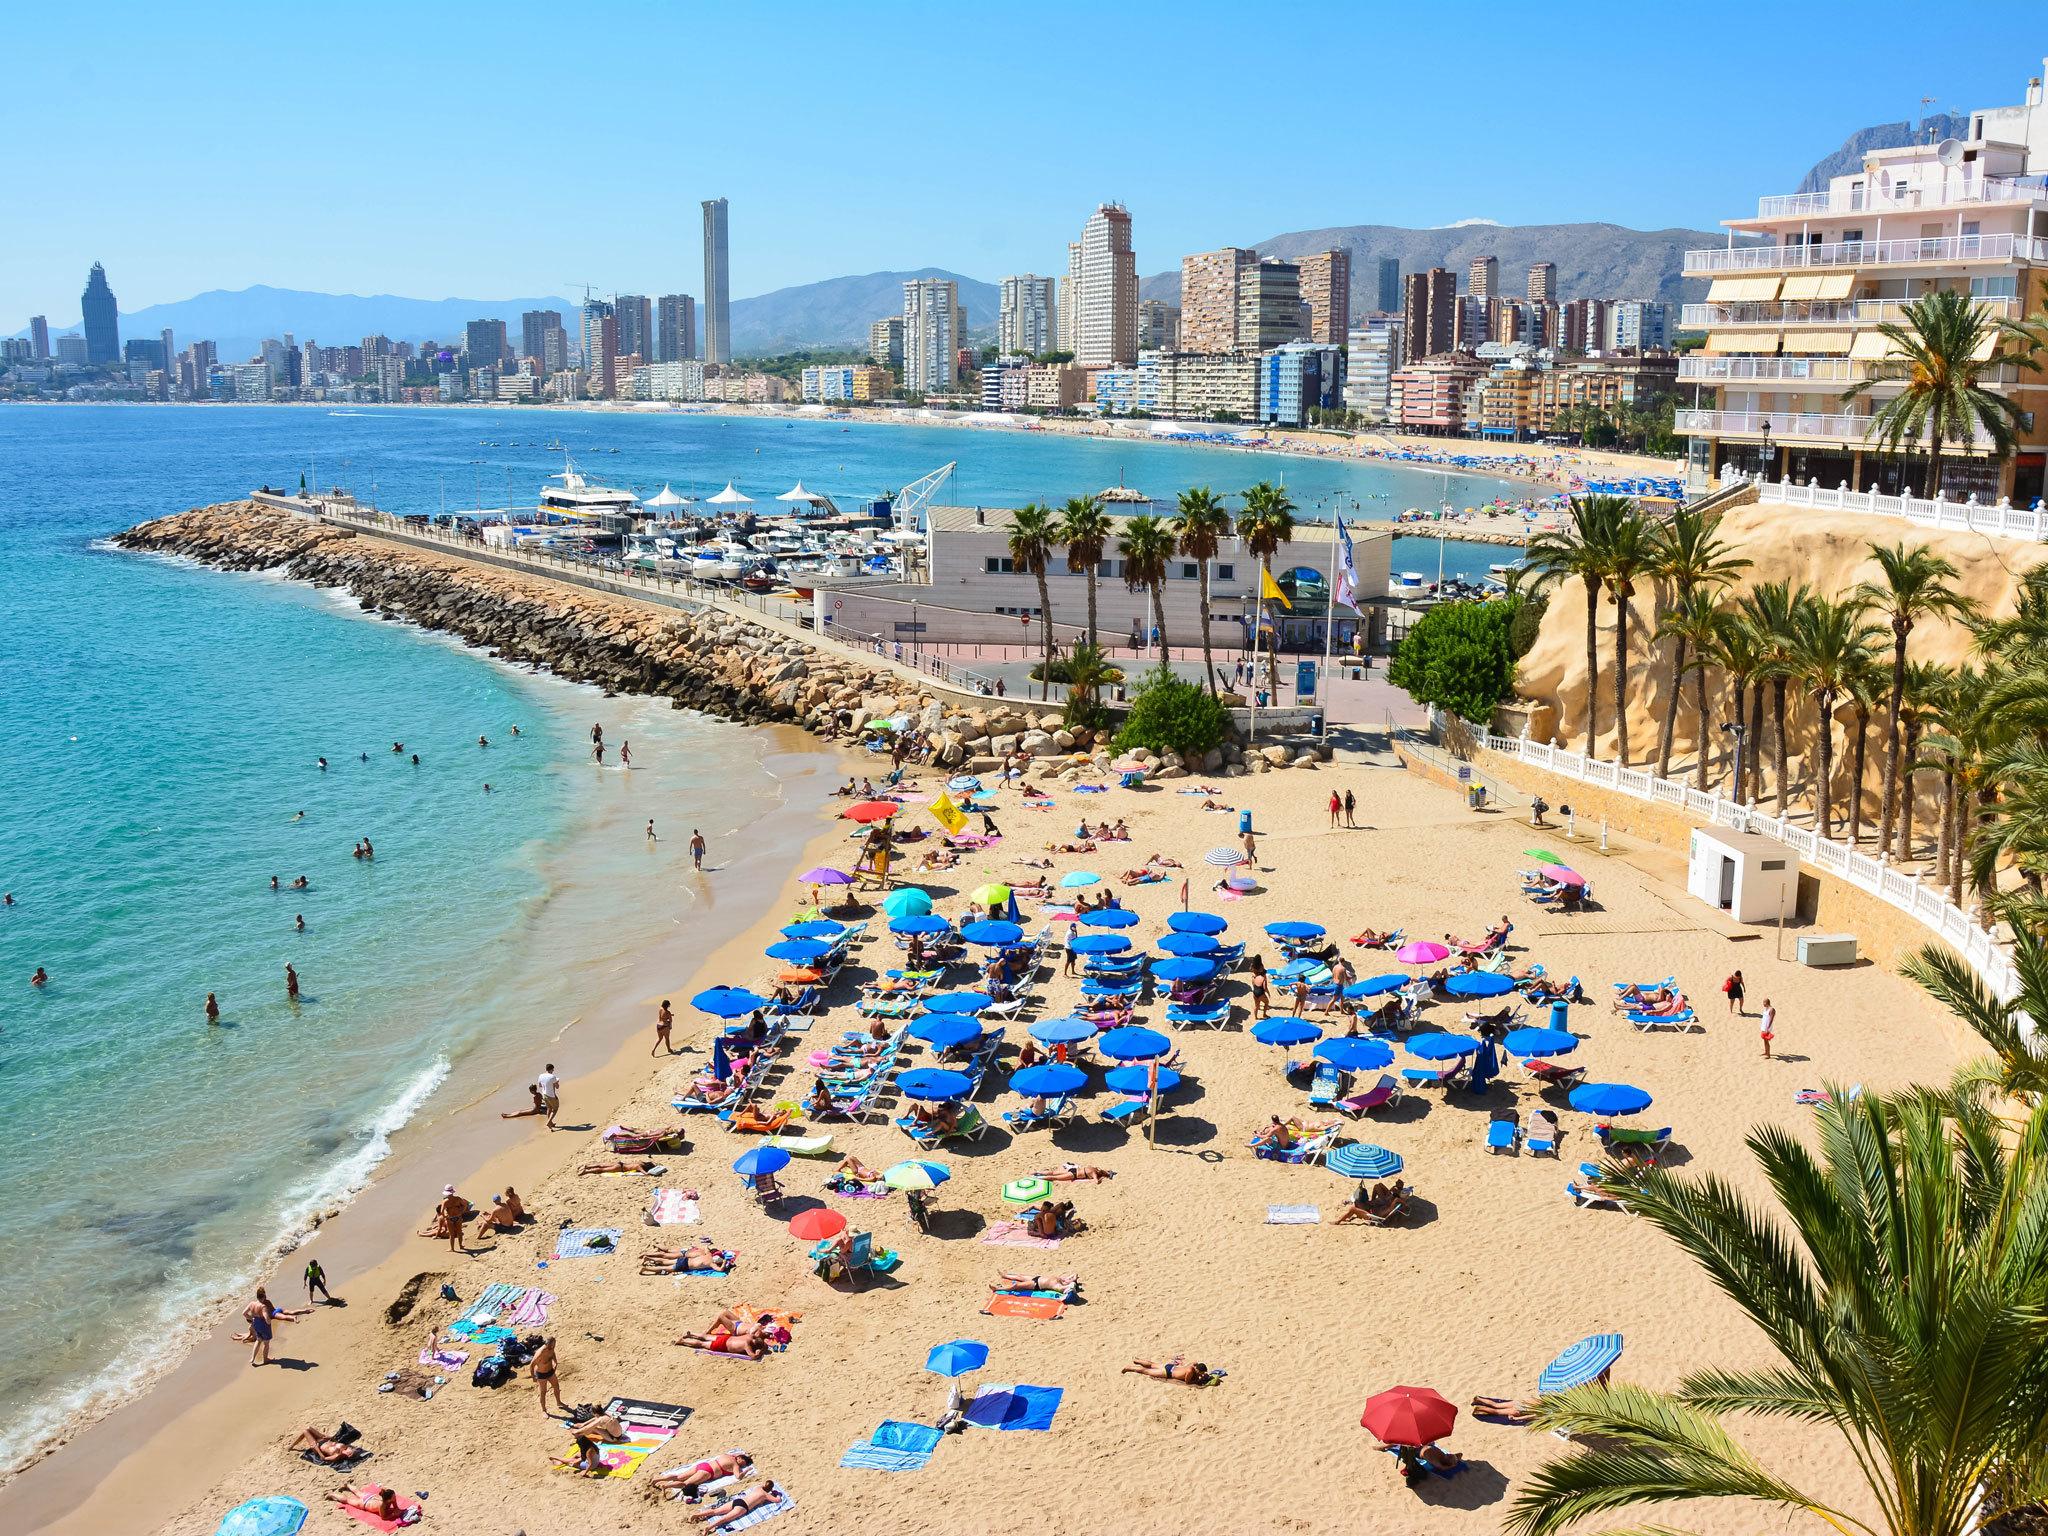 شیوع ویروس کرونا منطقه تفریحی بنیدورم در اسپانیا که به انگلیس کوچک مشهور است را به شهر ارواح تبدیل کرده است.